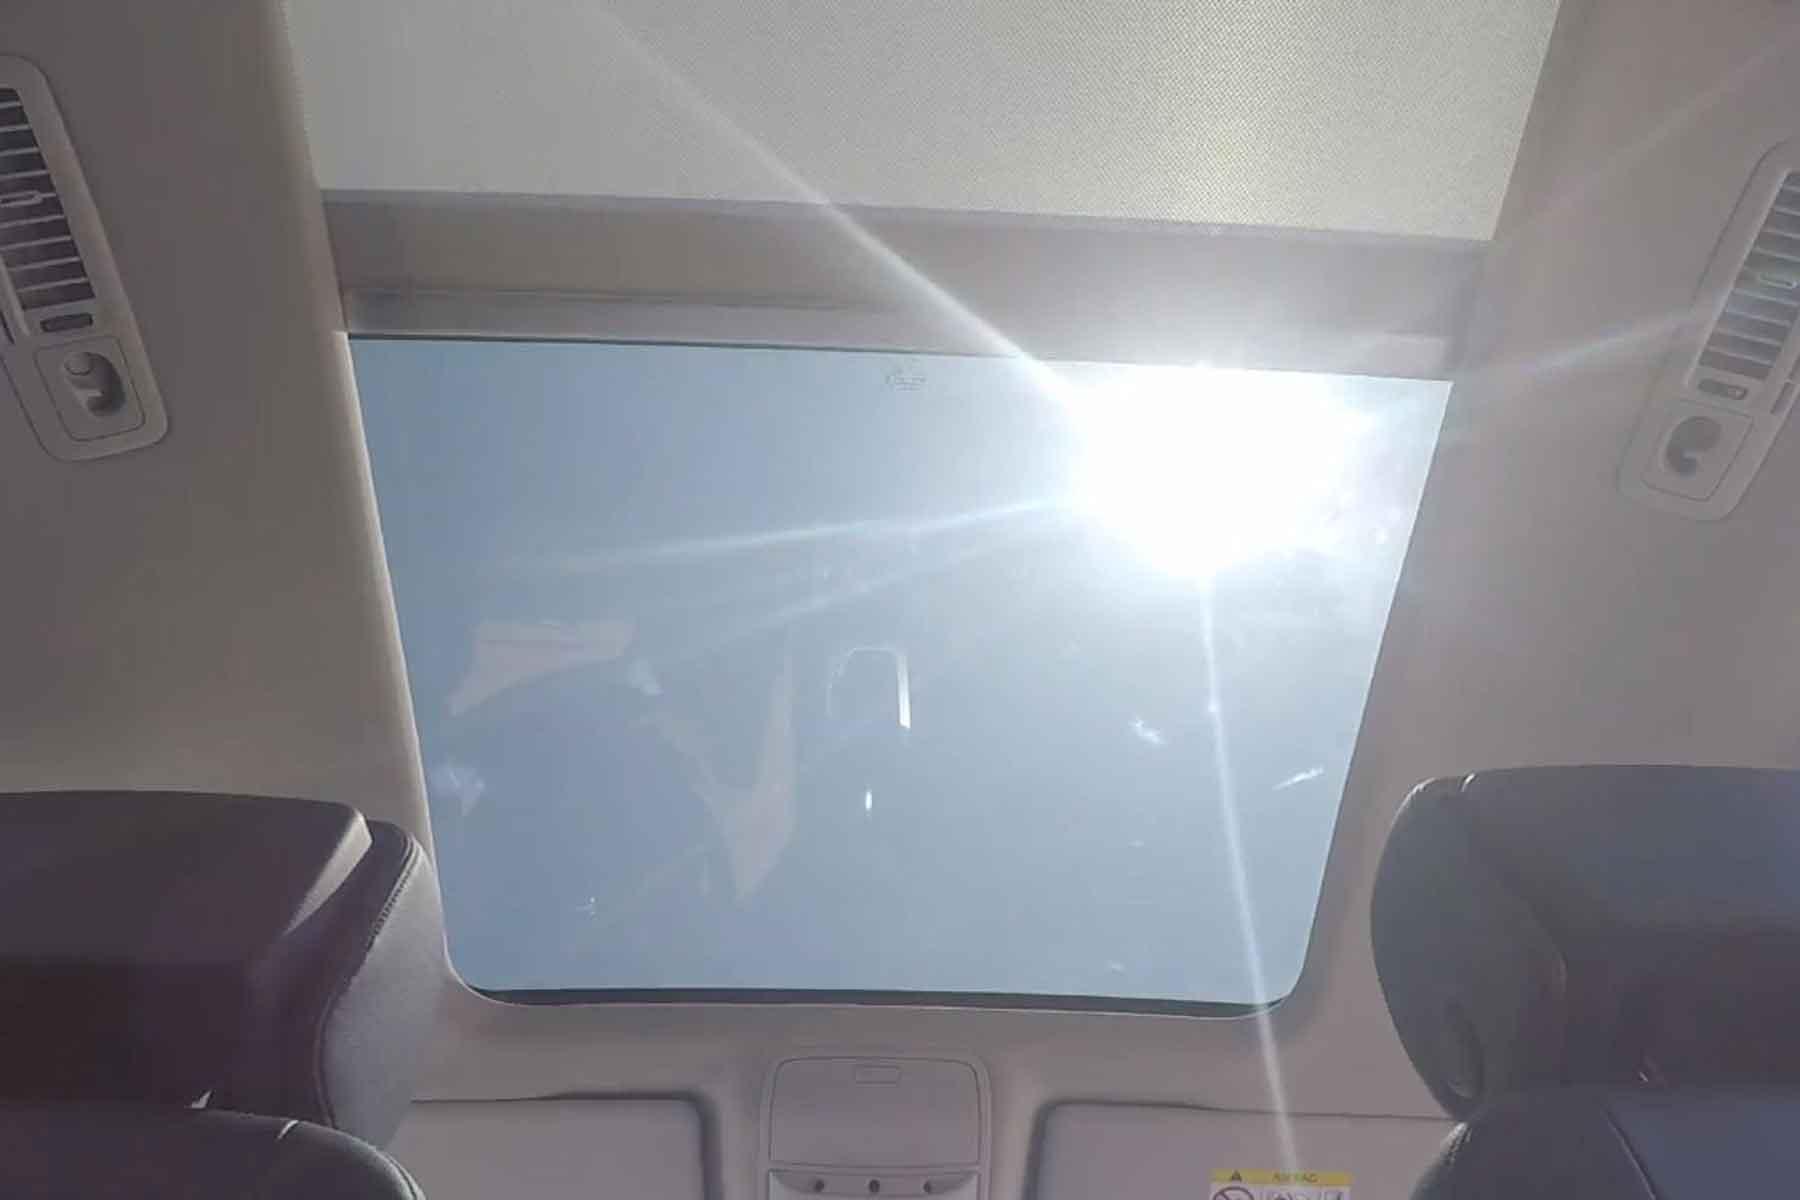 Hot car interior warning